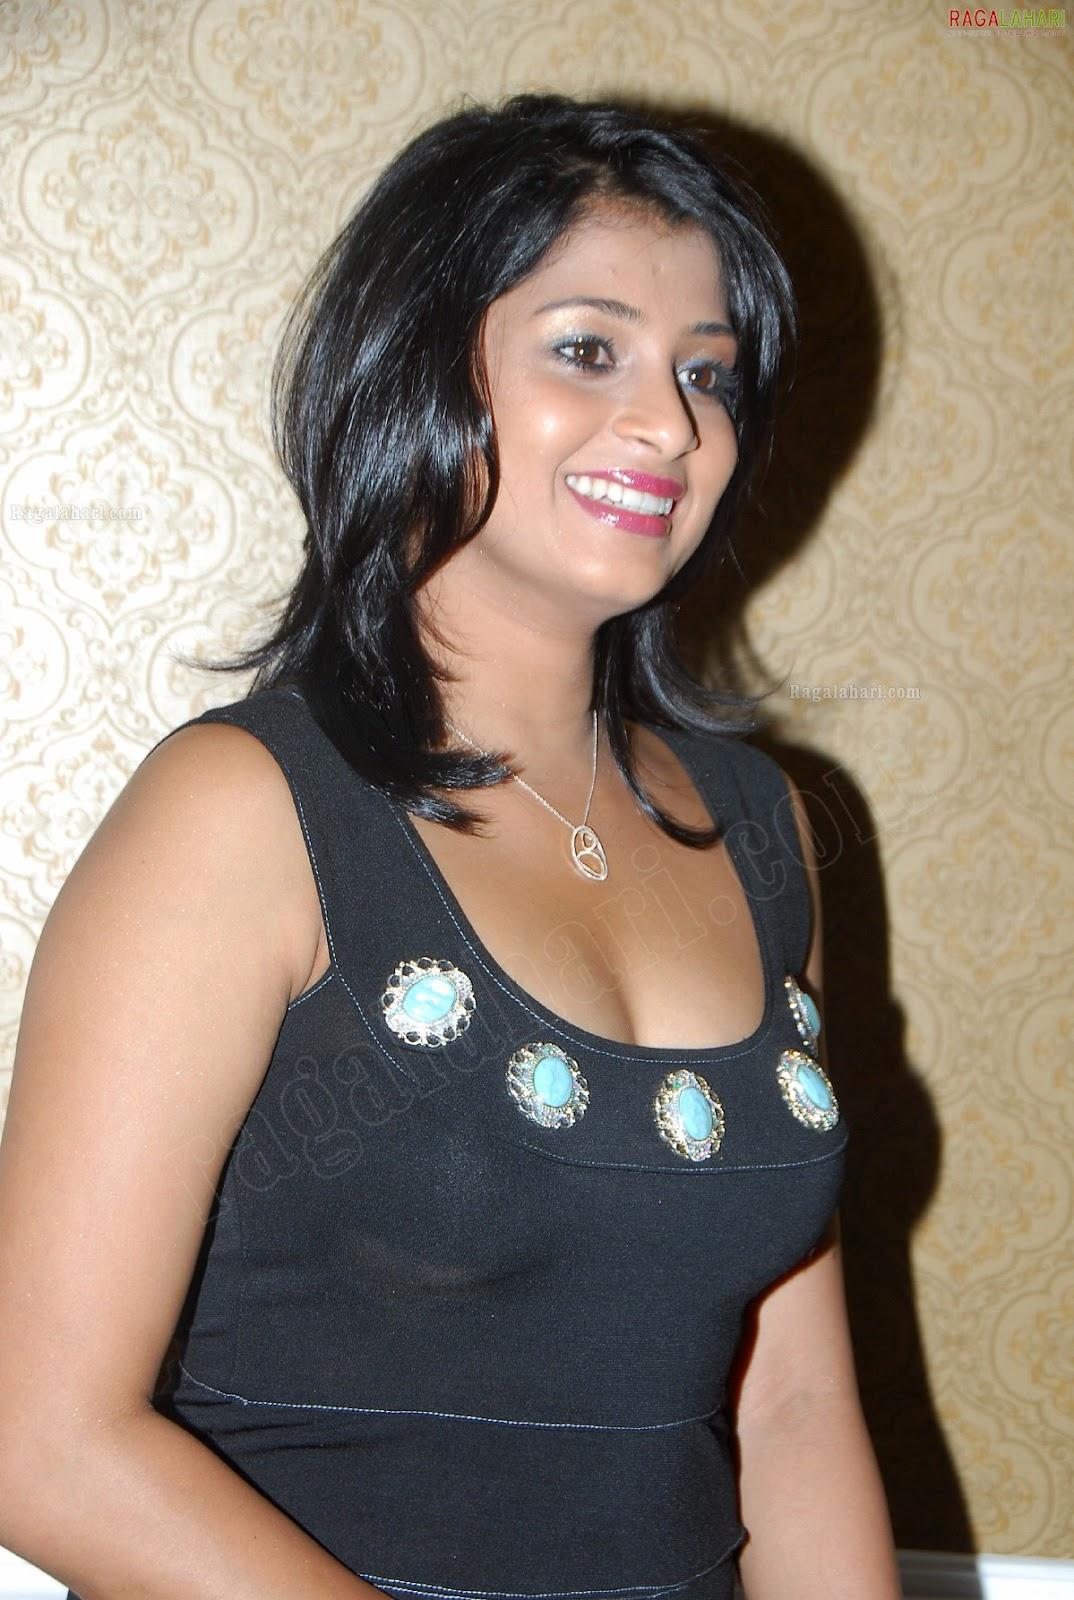 SRILANKA HOT SEXY ACTRESS ACTORS AND MODELS PHOTOS : Sri